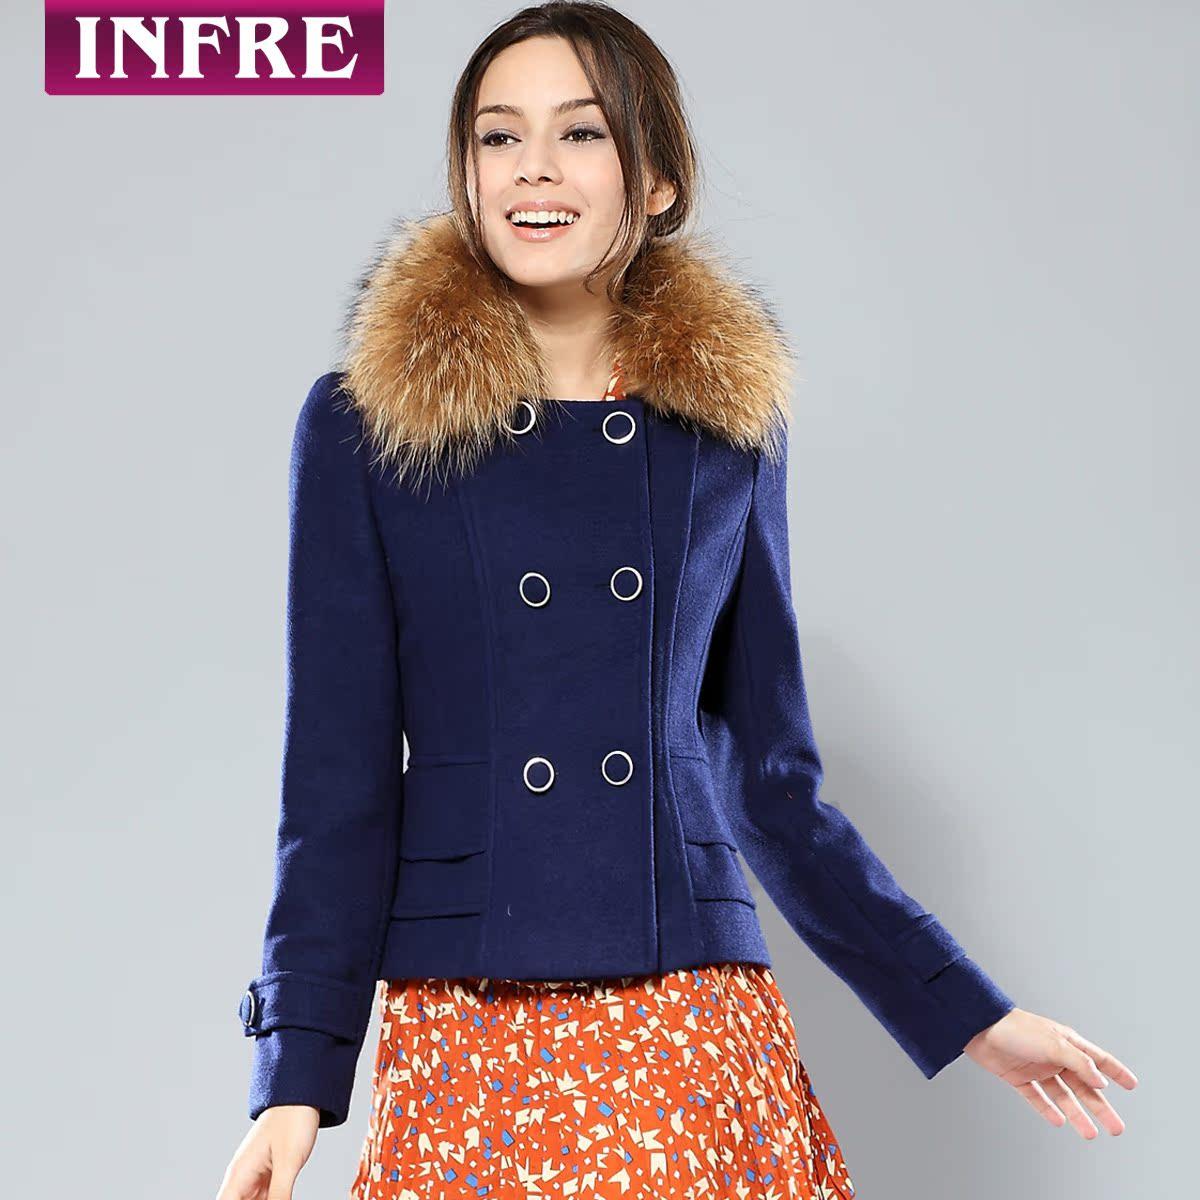 женское пальто Infre C521 Зима 2012 Обычный размер (50 см <длина одежды ≤ 65 см) Infre Длинный рукав Классический рукав